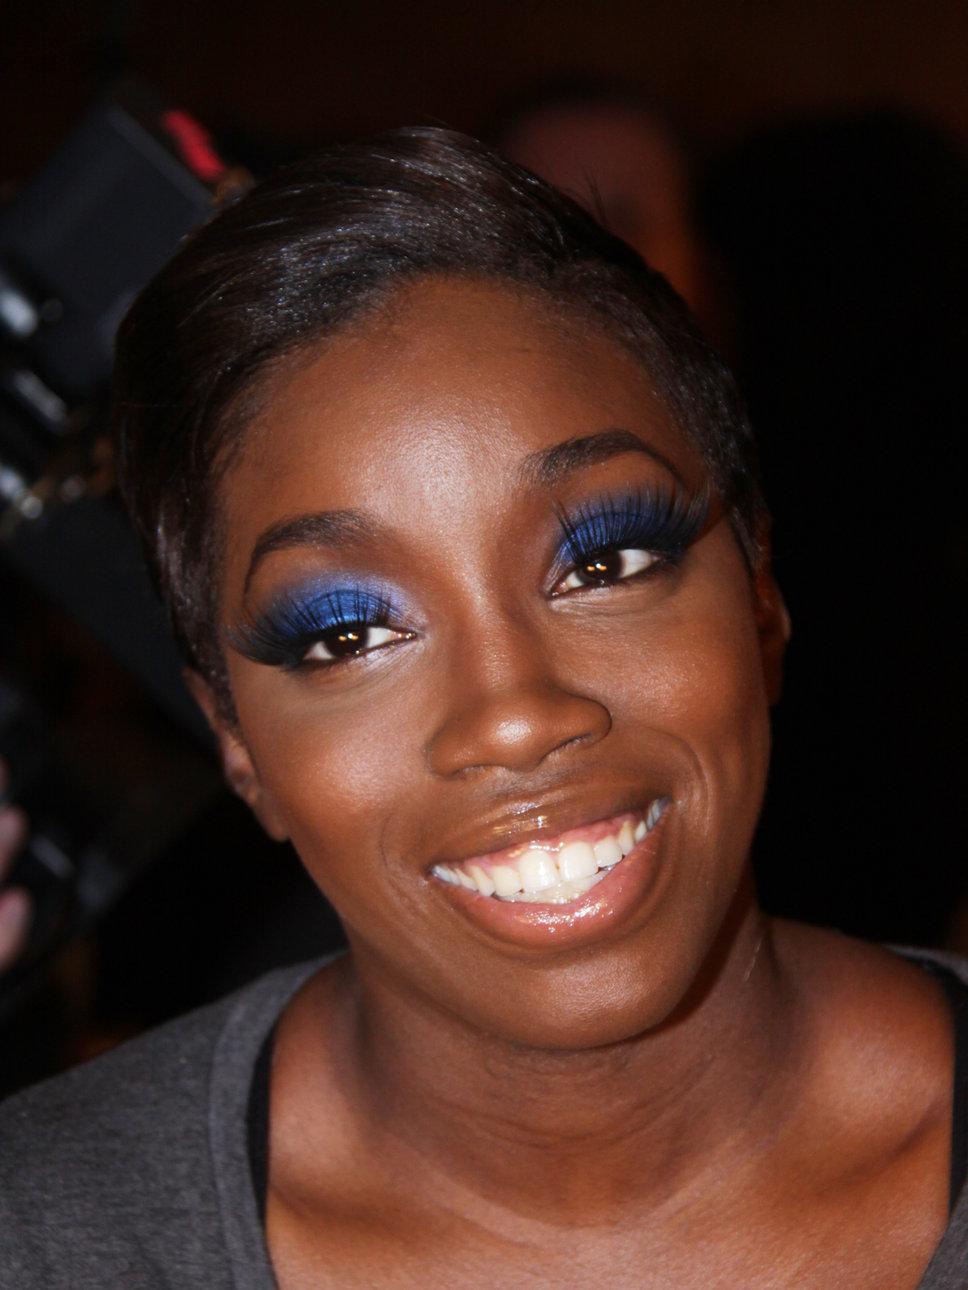 Brown Eyeshadow Tutorial: Blue Eyeshadow For Brown Eyes